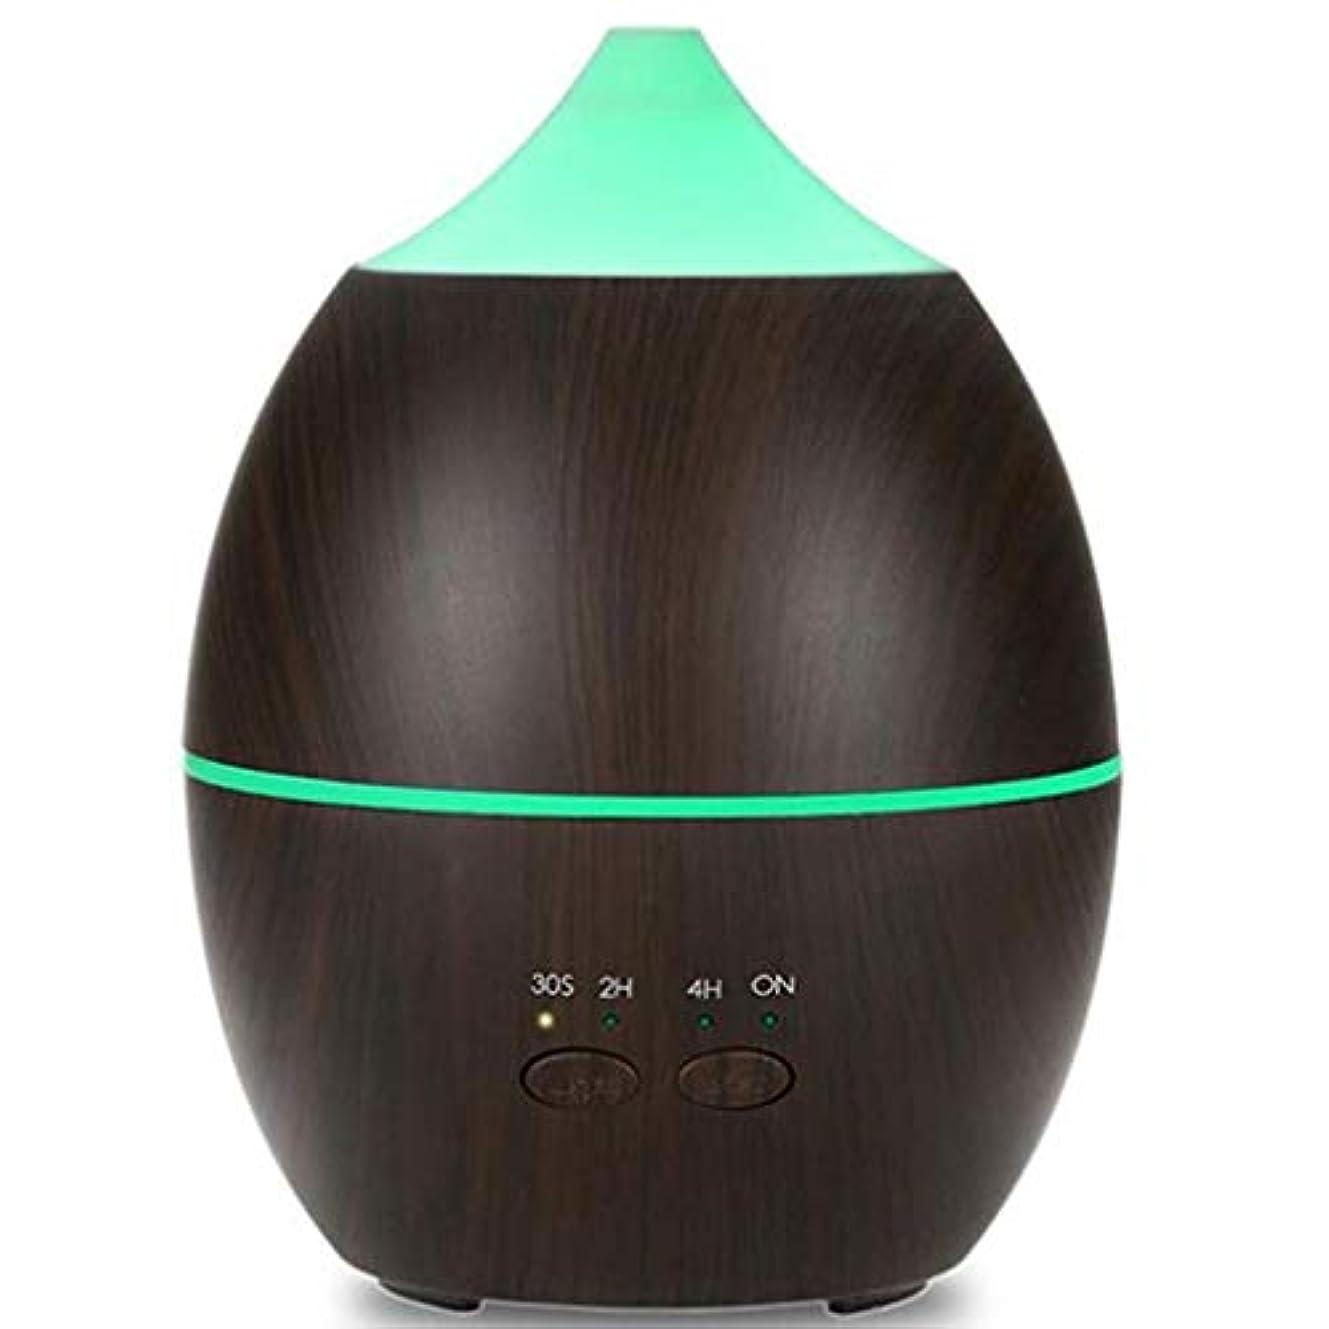 アルコールカウントアップ上流の300 Mlエッセンシャルオイルディフューザーアロマディフューザーウッド穀物アロマディフューザーで7色ledライト、調節可能なミストモード用ホームオフィスヨガ